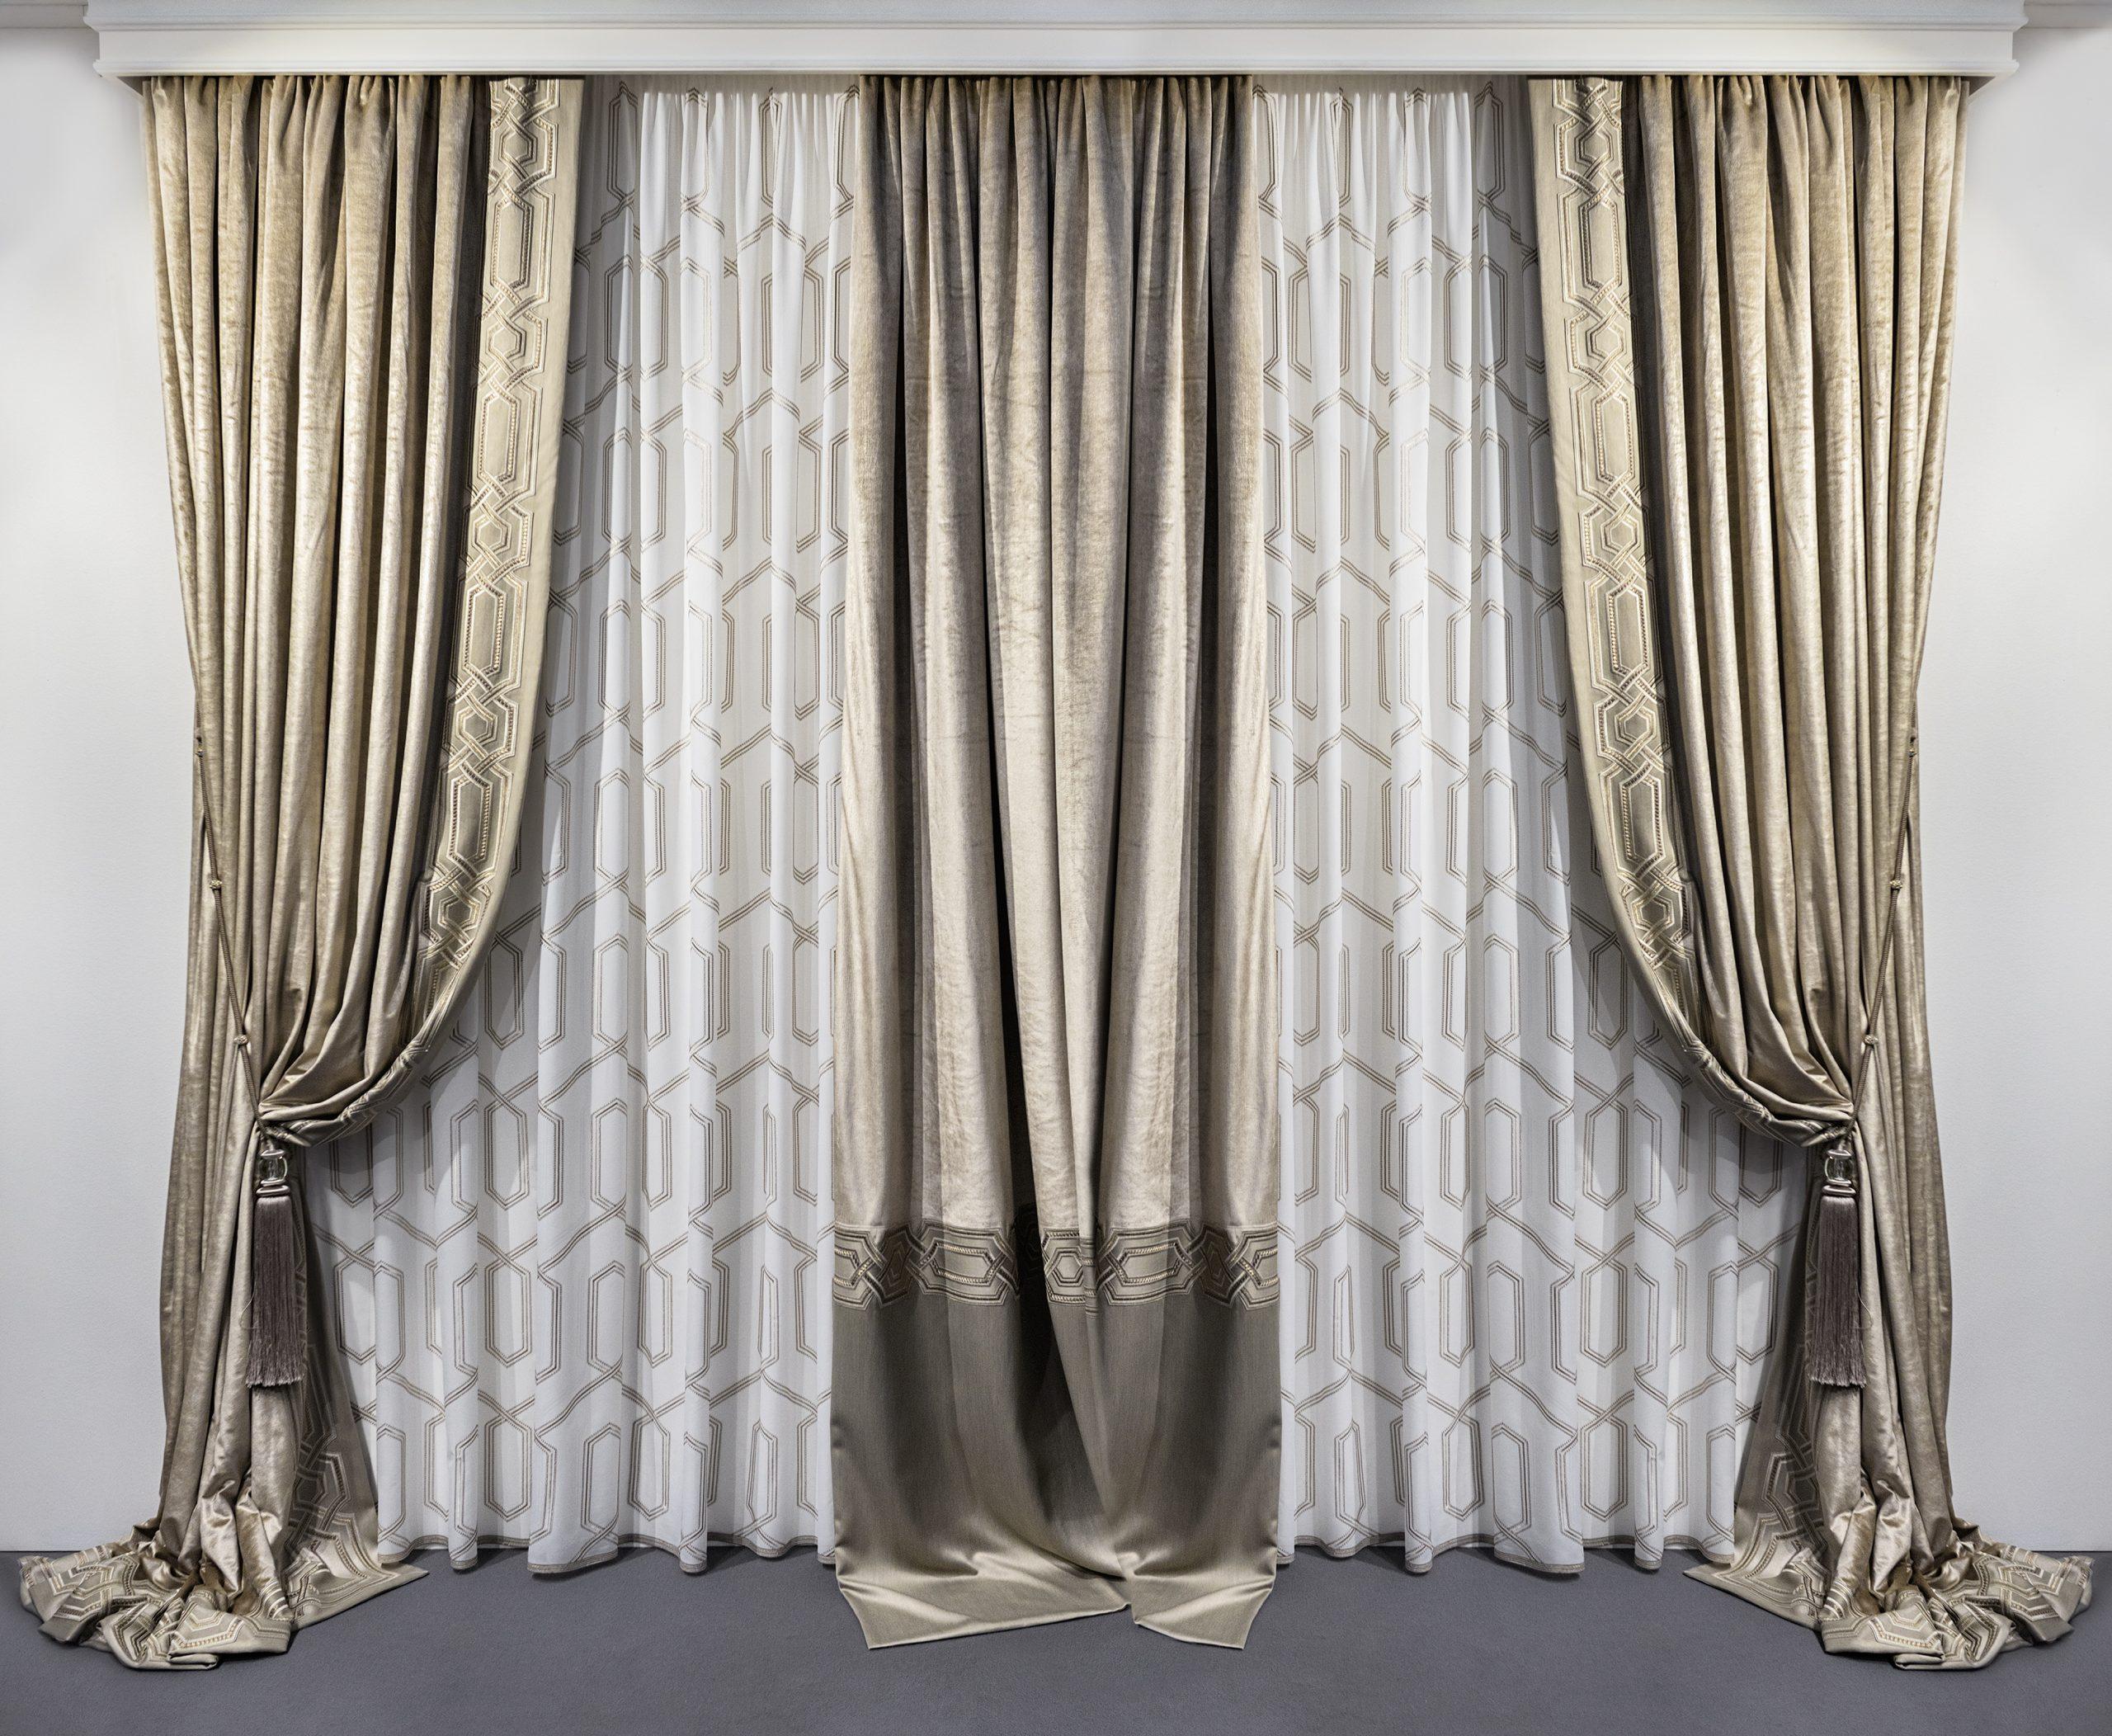 ستائر 2021 الجديدة Curtains المرسال